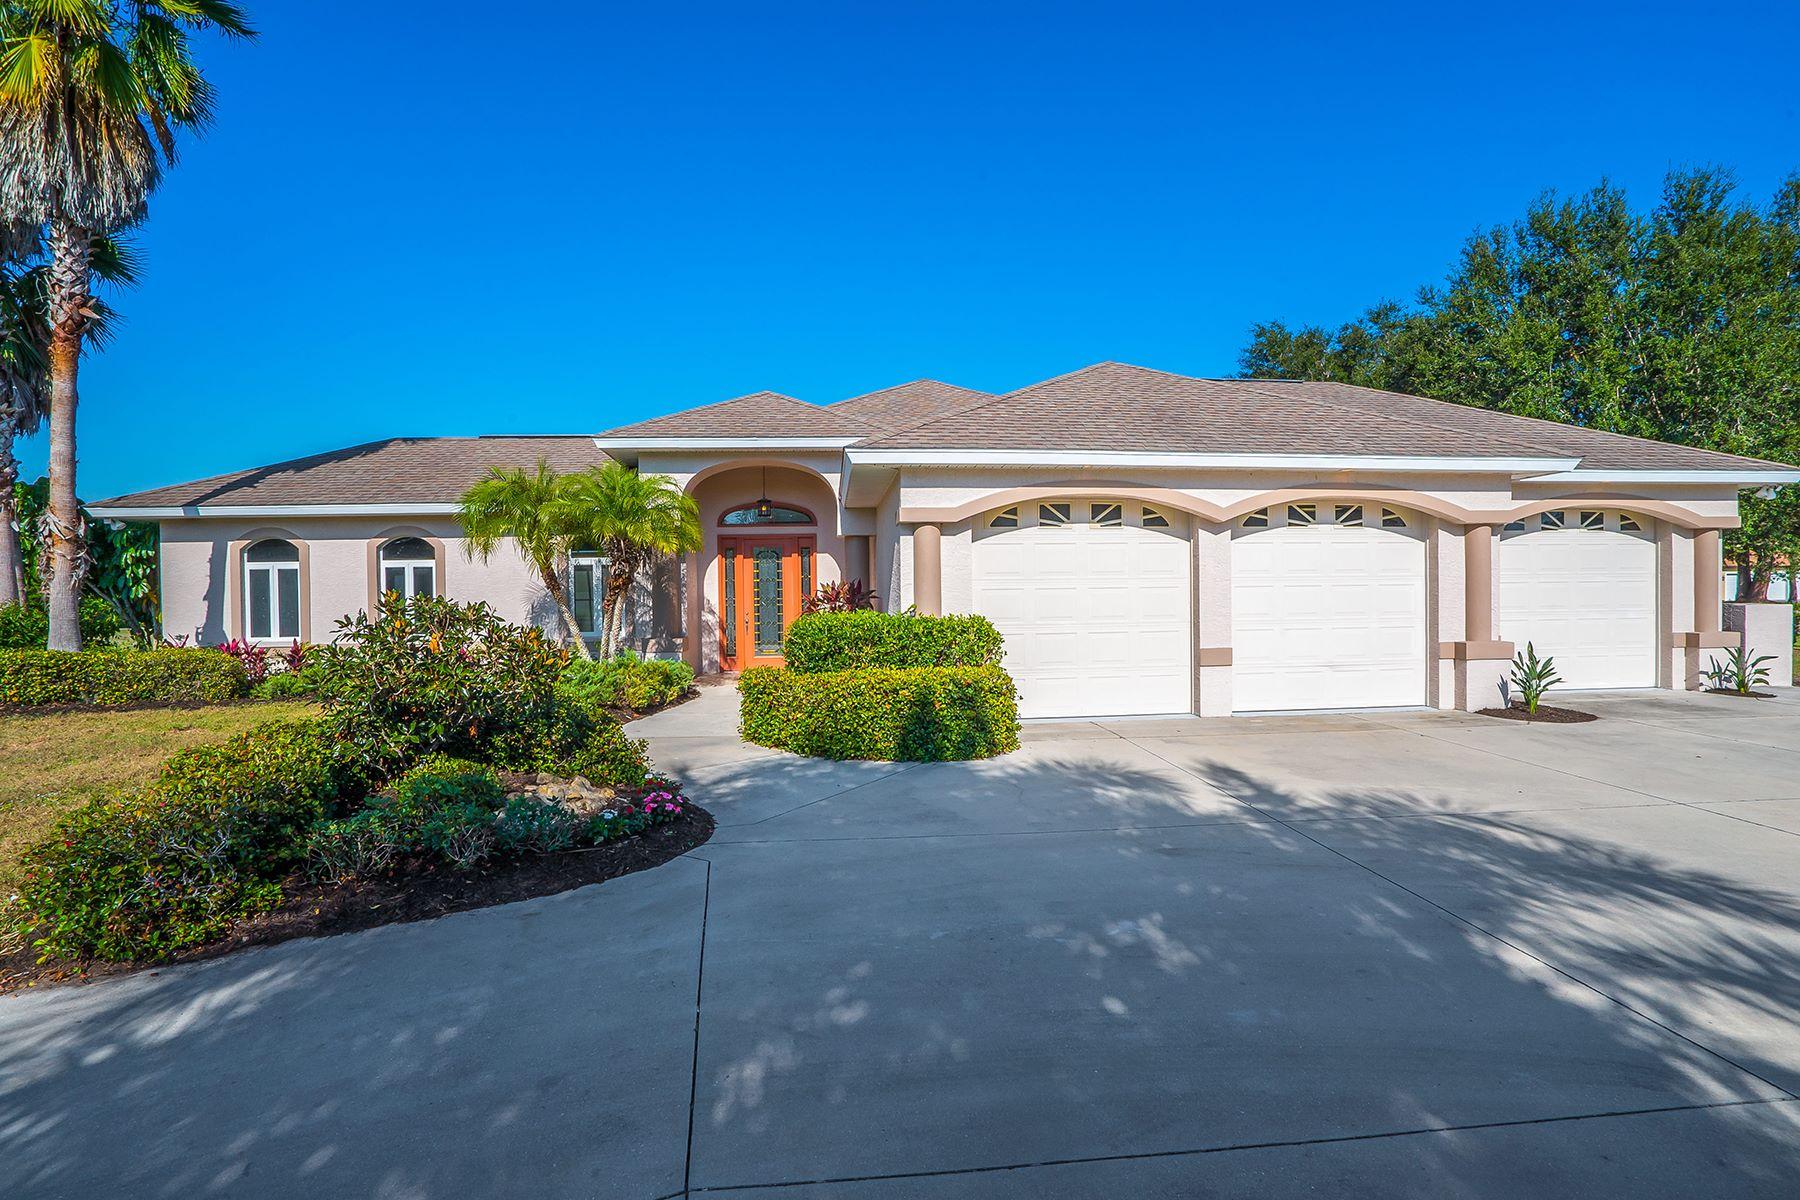 Частный односемейный дом для того Продажа на MISSION VALLEY ESTATES 799 Capistrano Dr Nokomis, Флорида, 34275 Соединенные Штаты